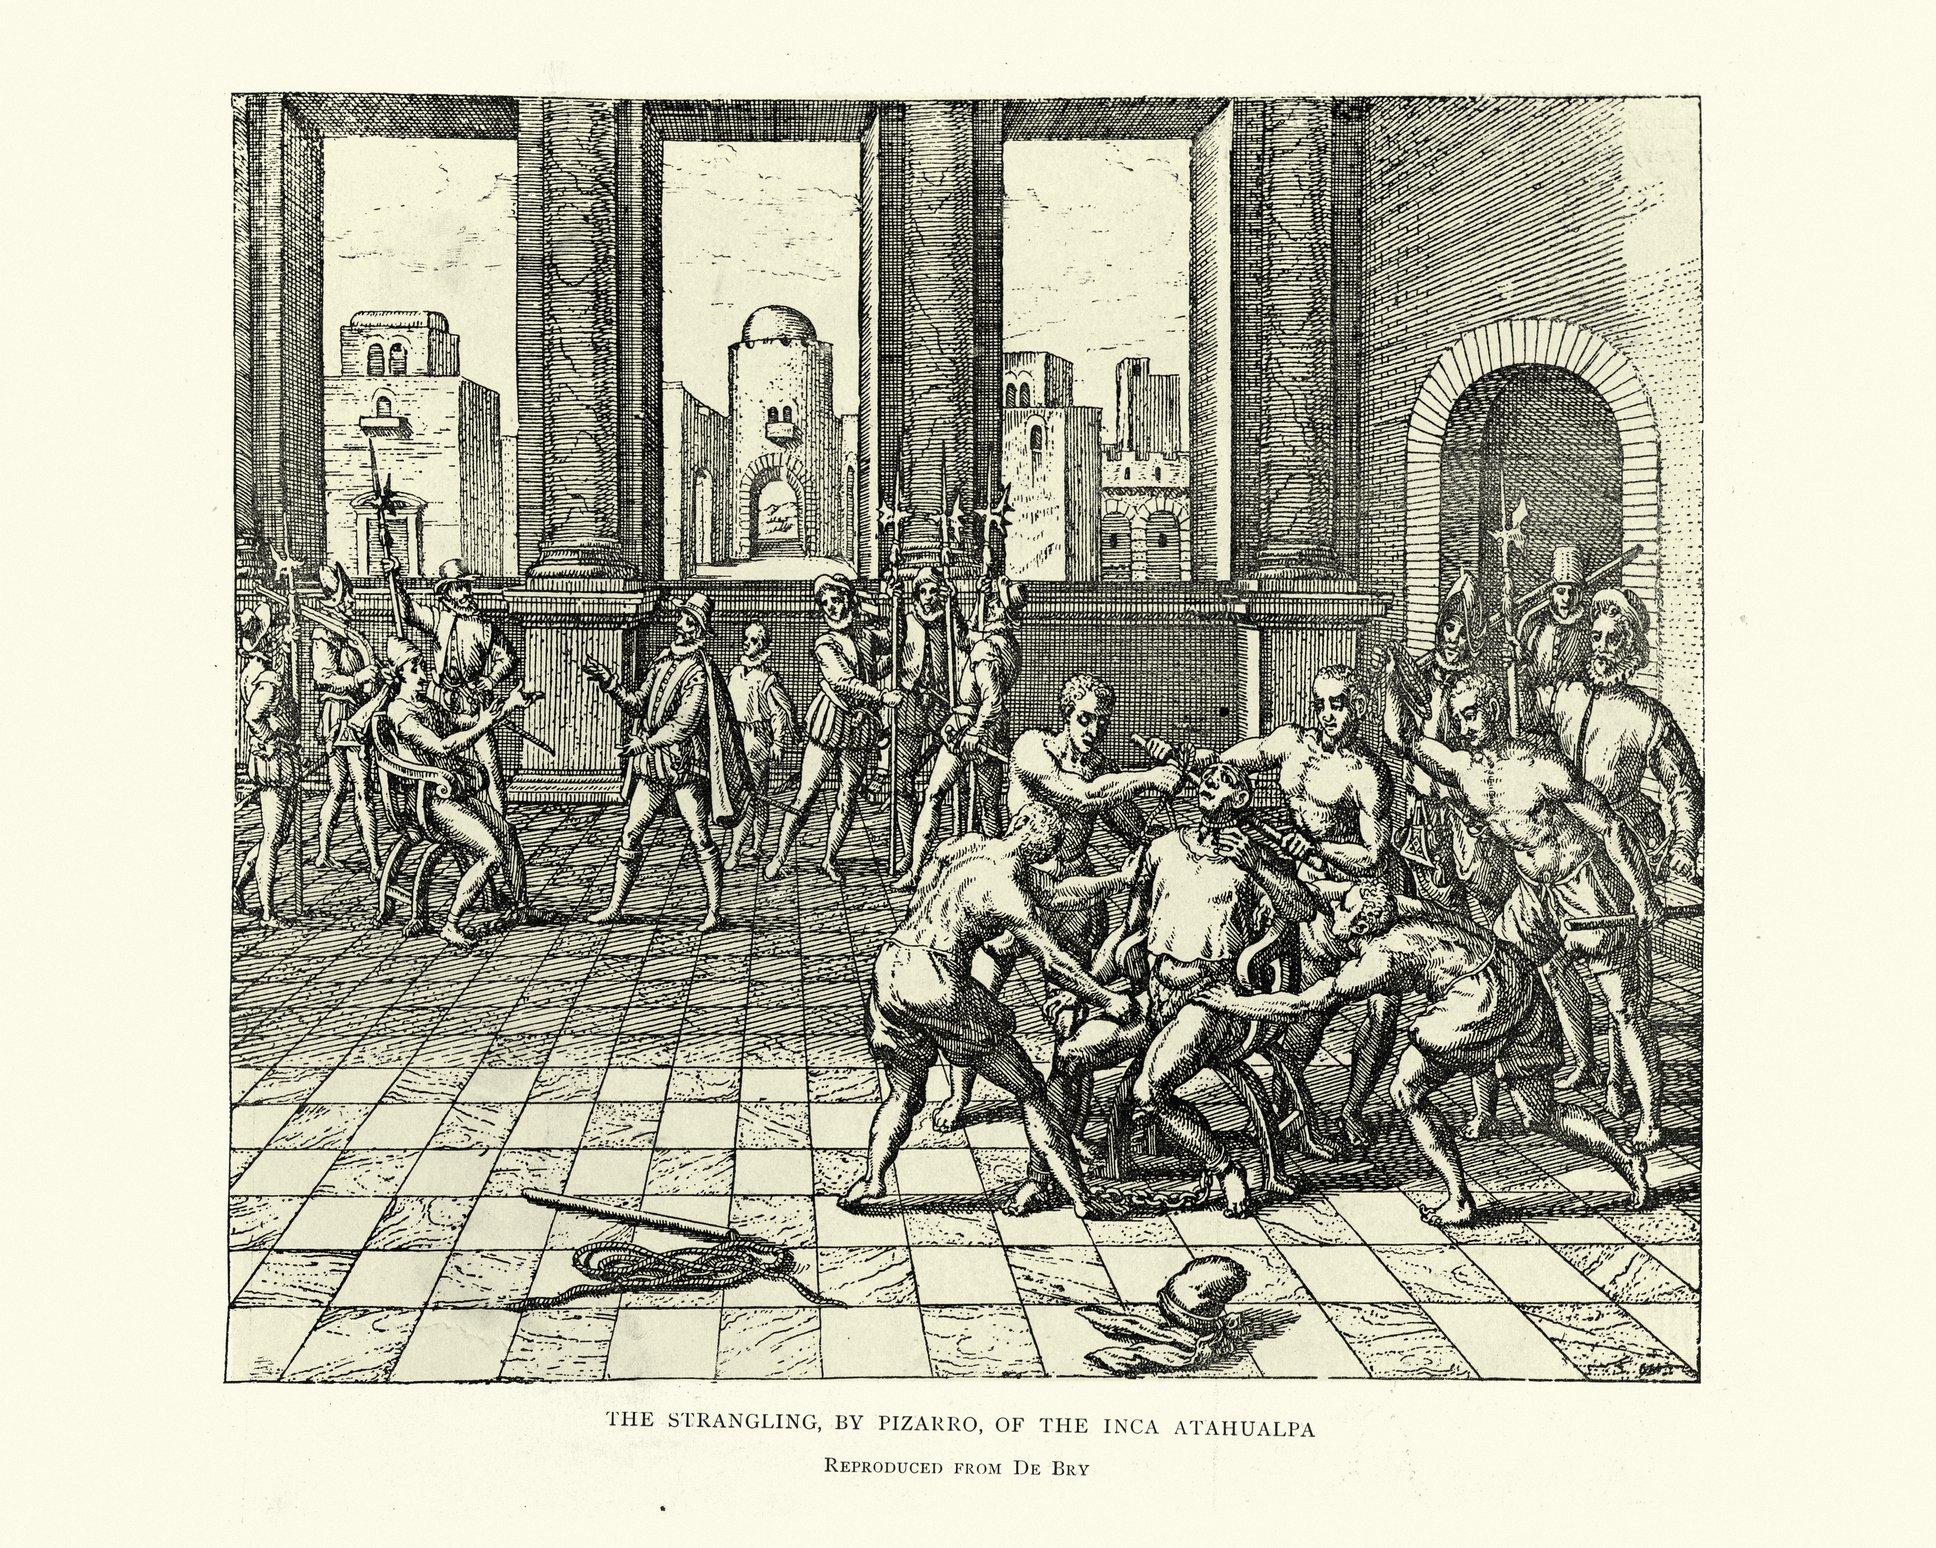 Ilustración del estrangulamiento de Atahualpa